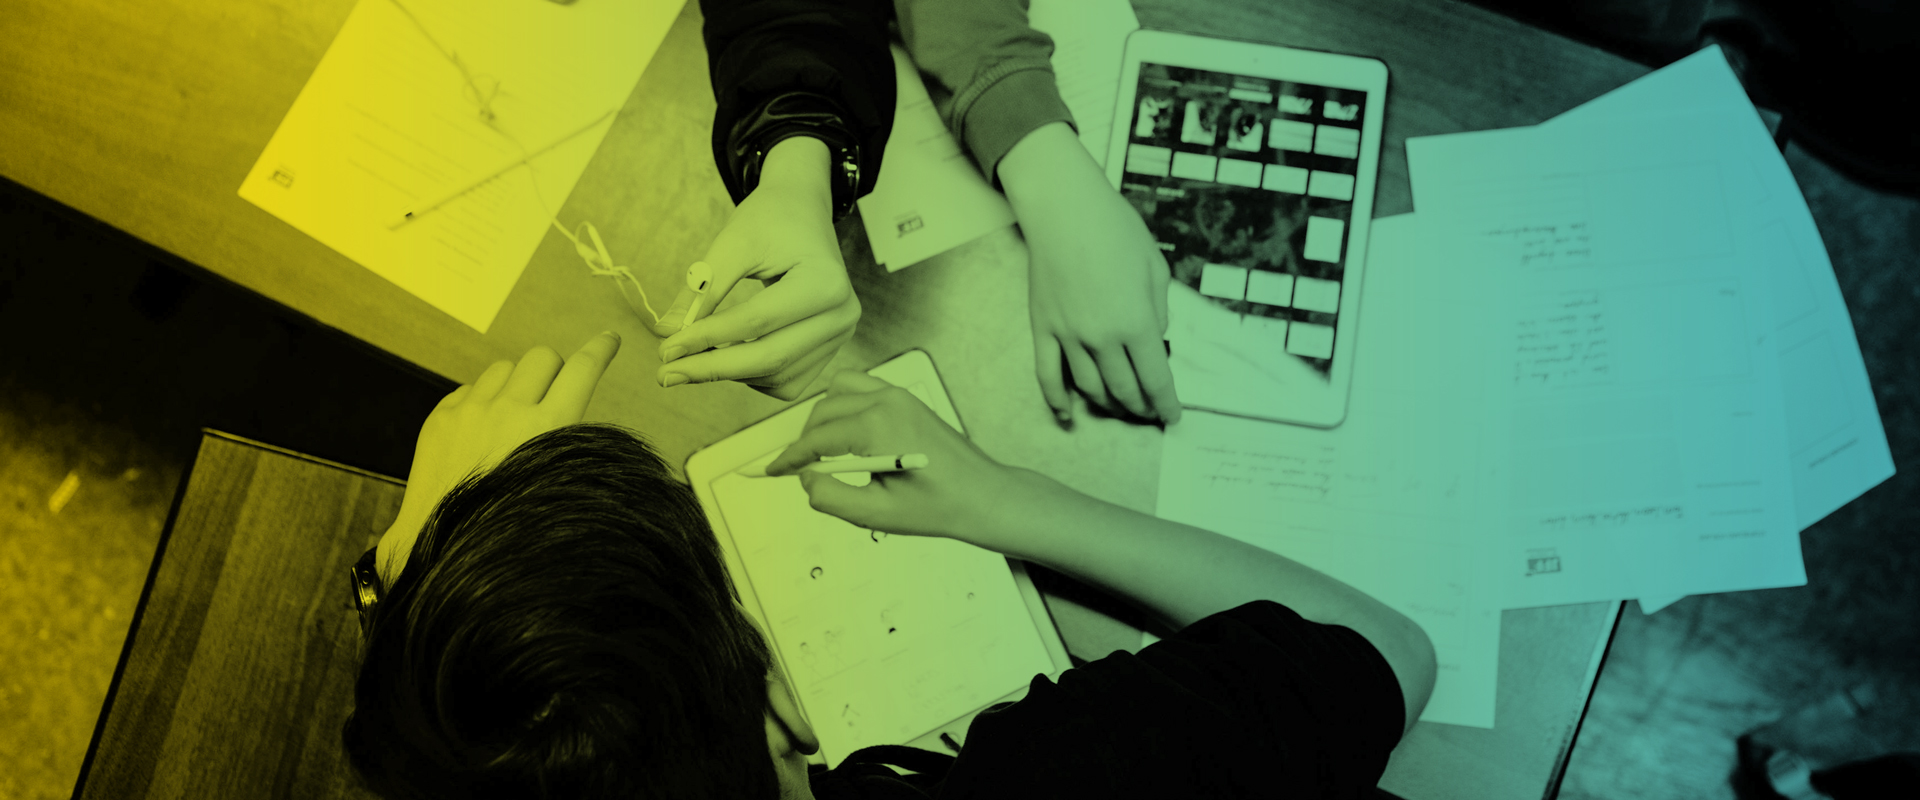 Schüler beim Arbeiten mit Tablets